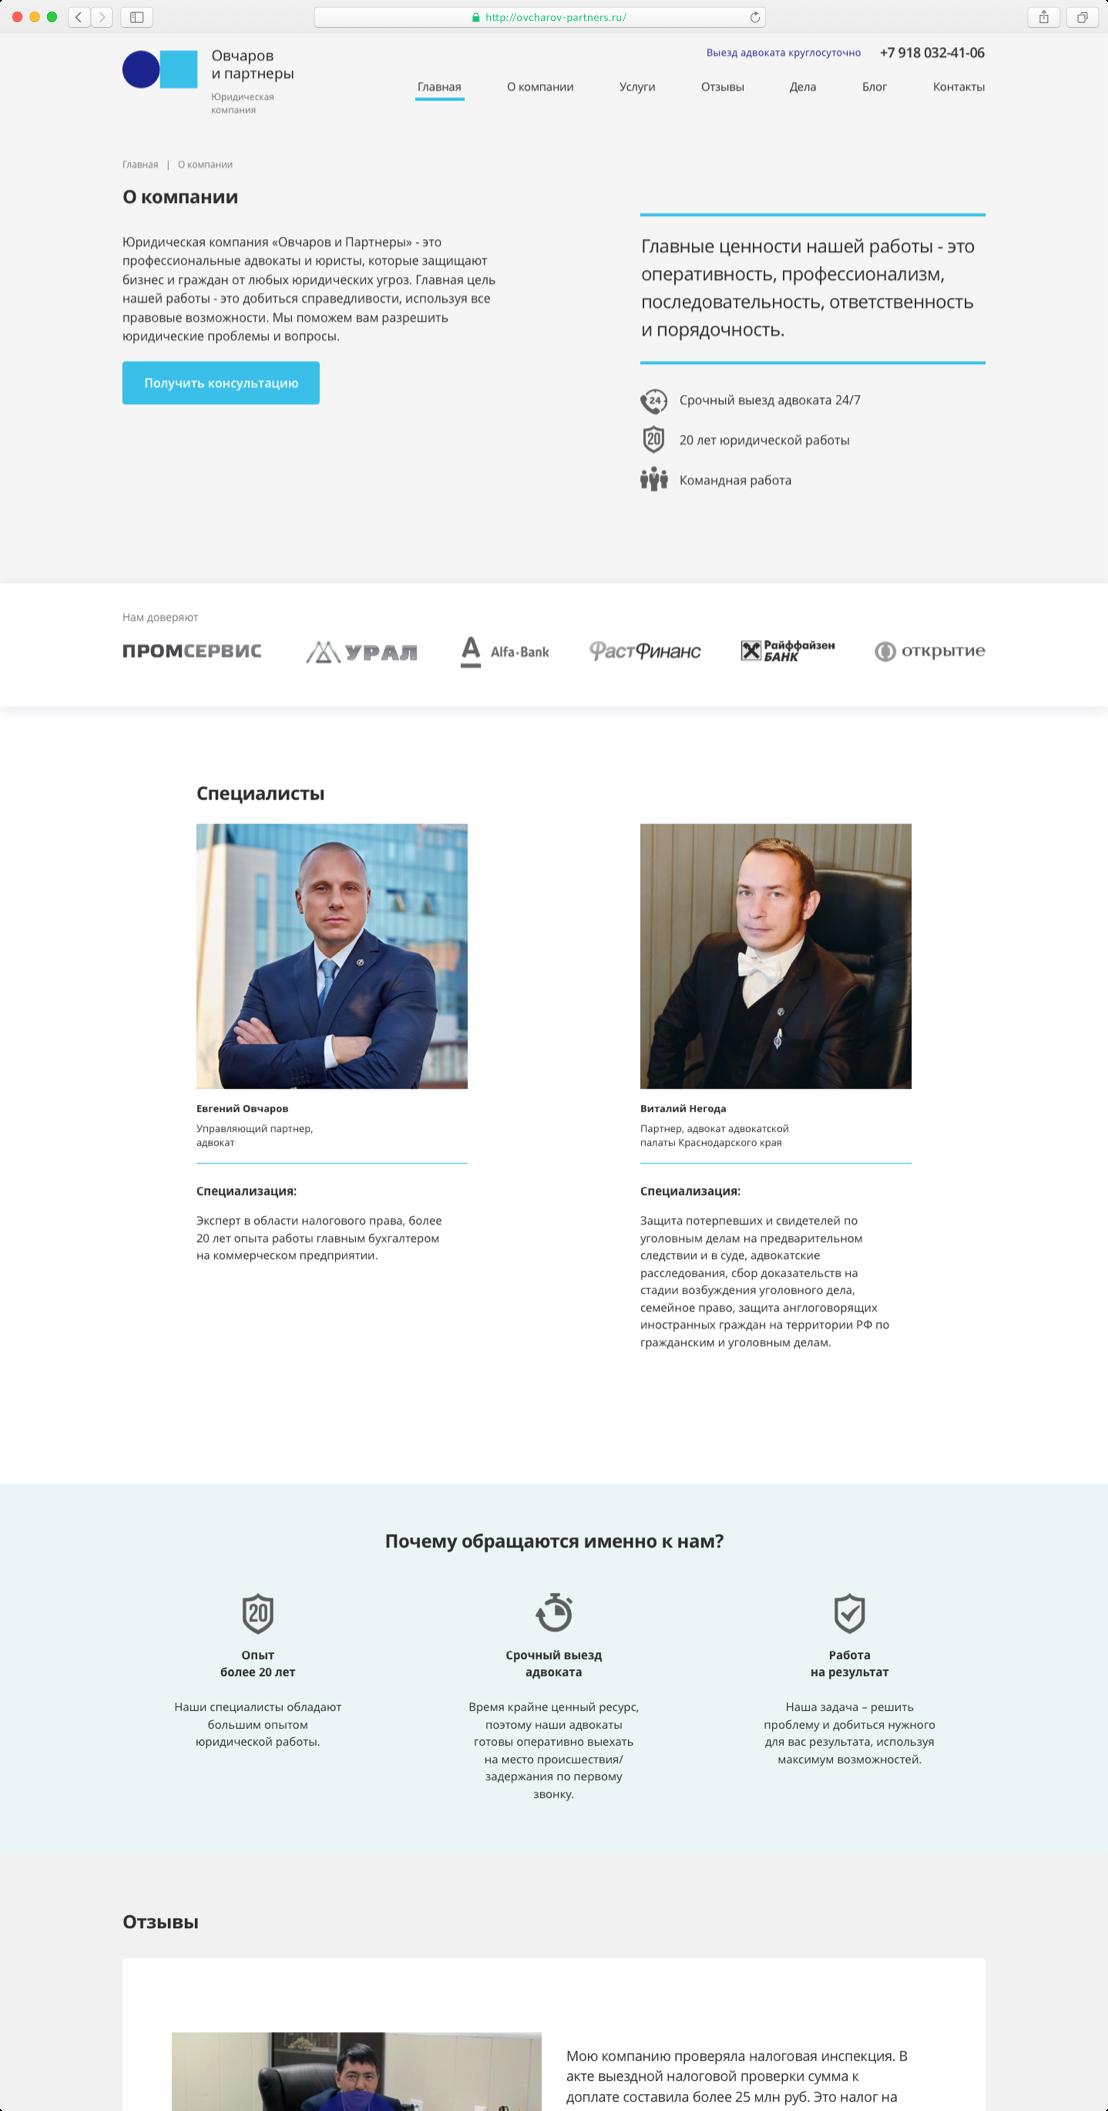 case_ovcharov_sitepage_2